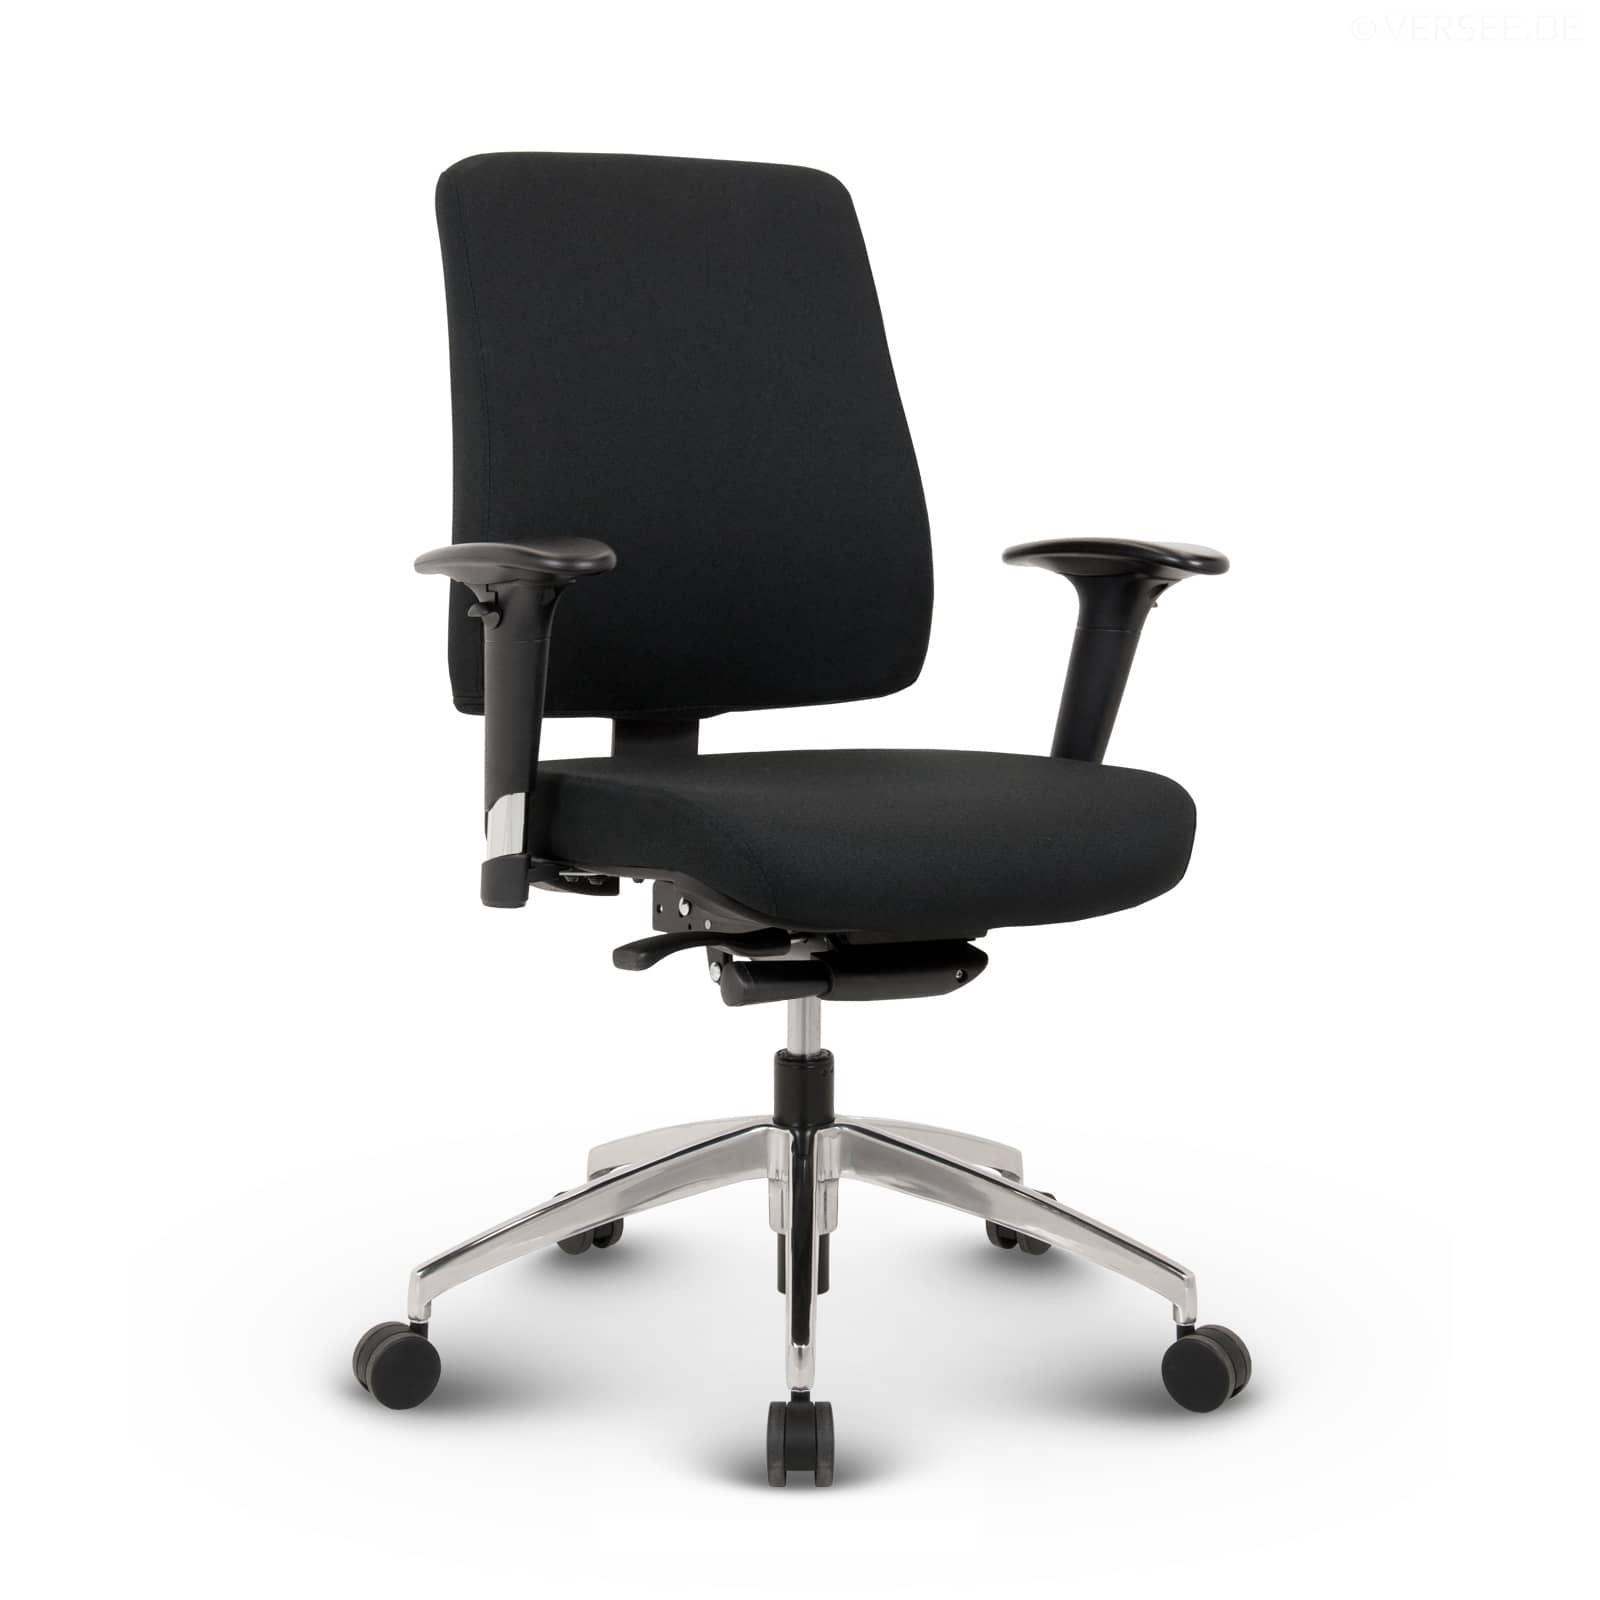 Basic Profi Drehstuhl Bürostuhl Schreibtischstuhl Konferenzstuhl Stoff